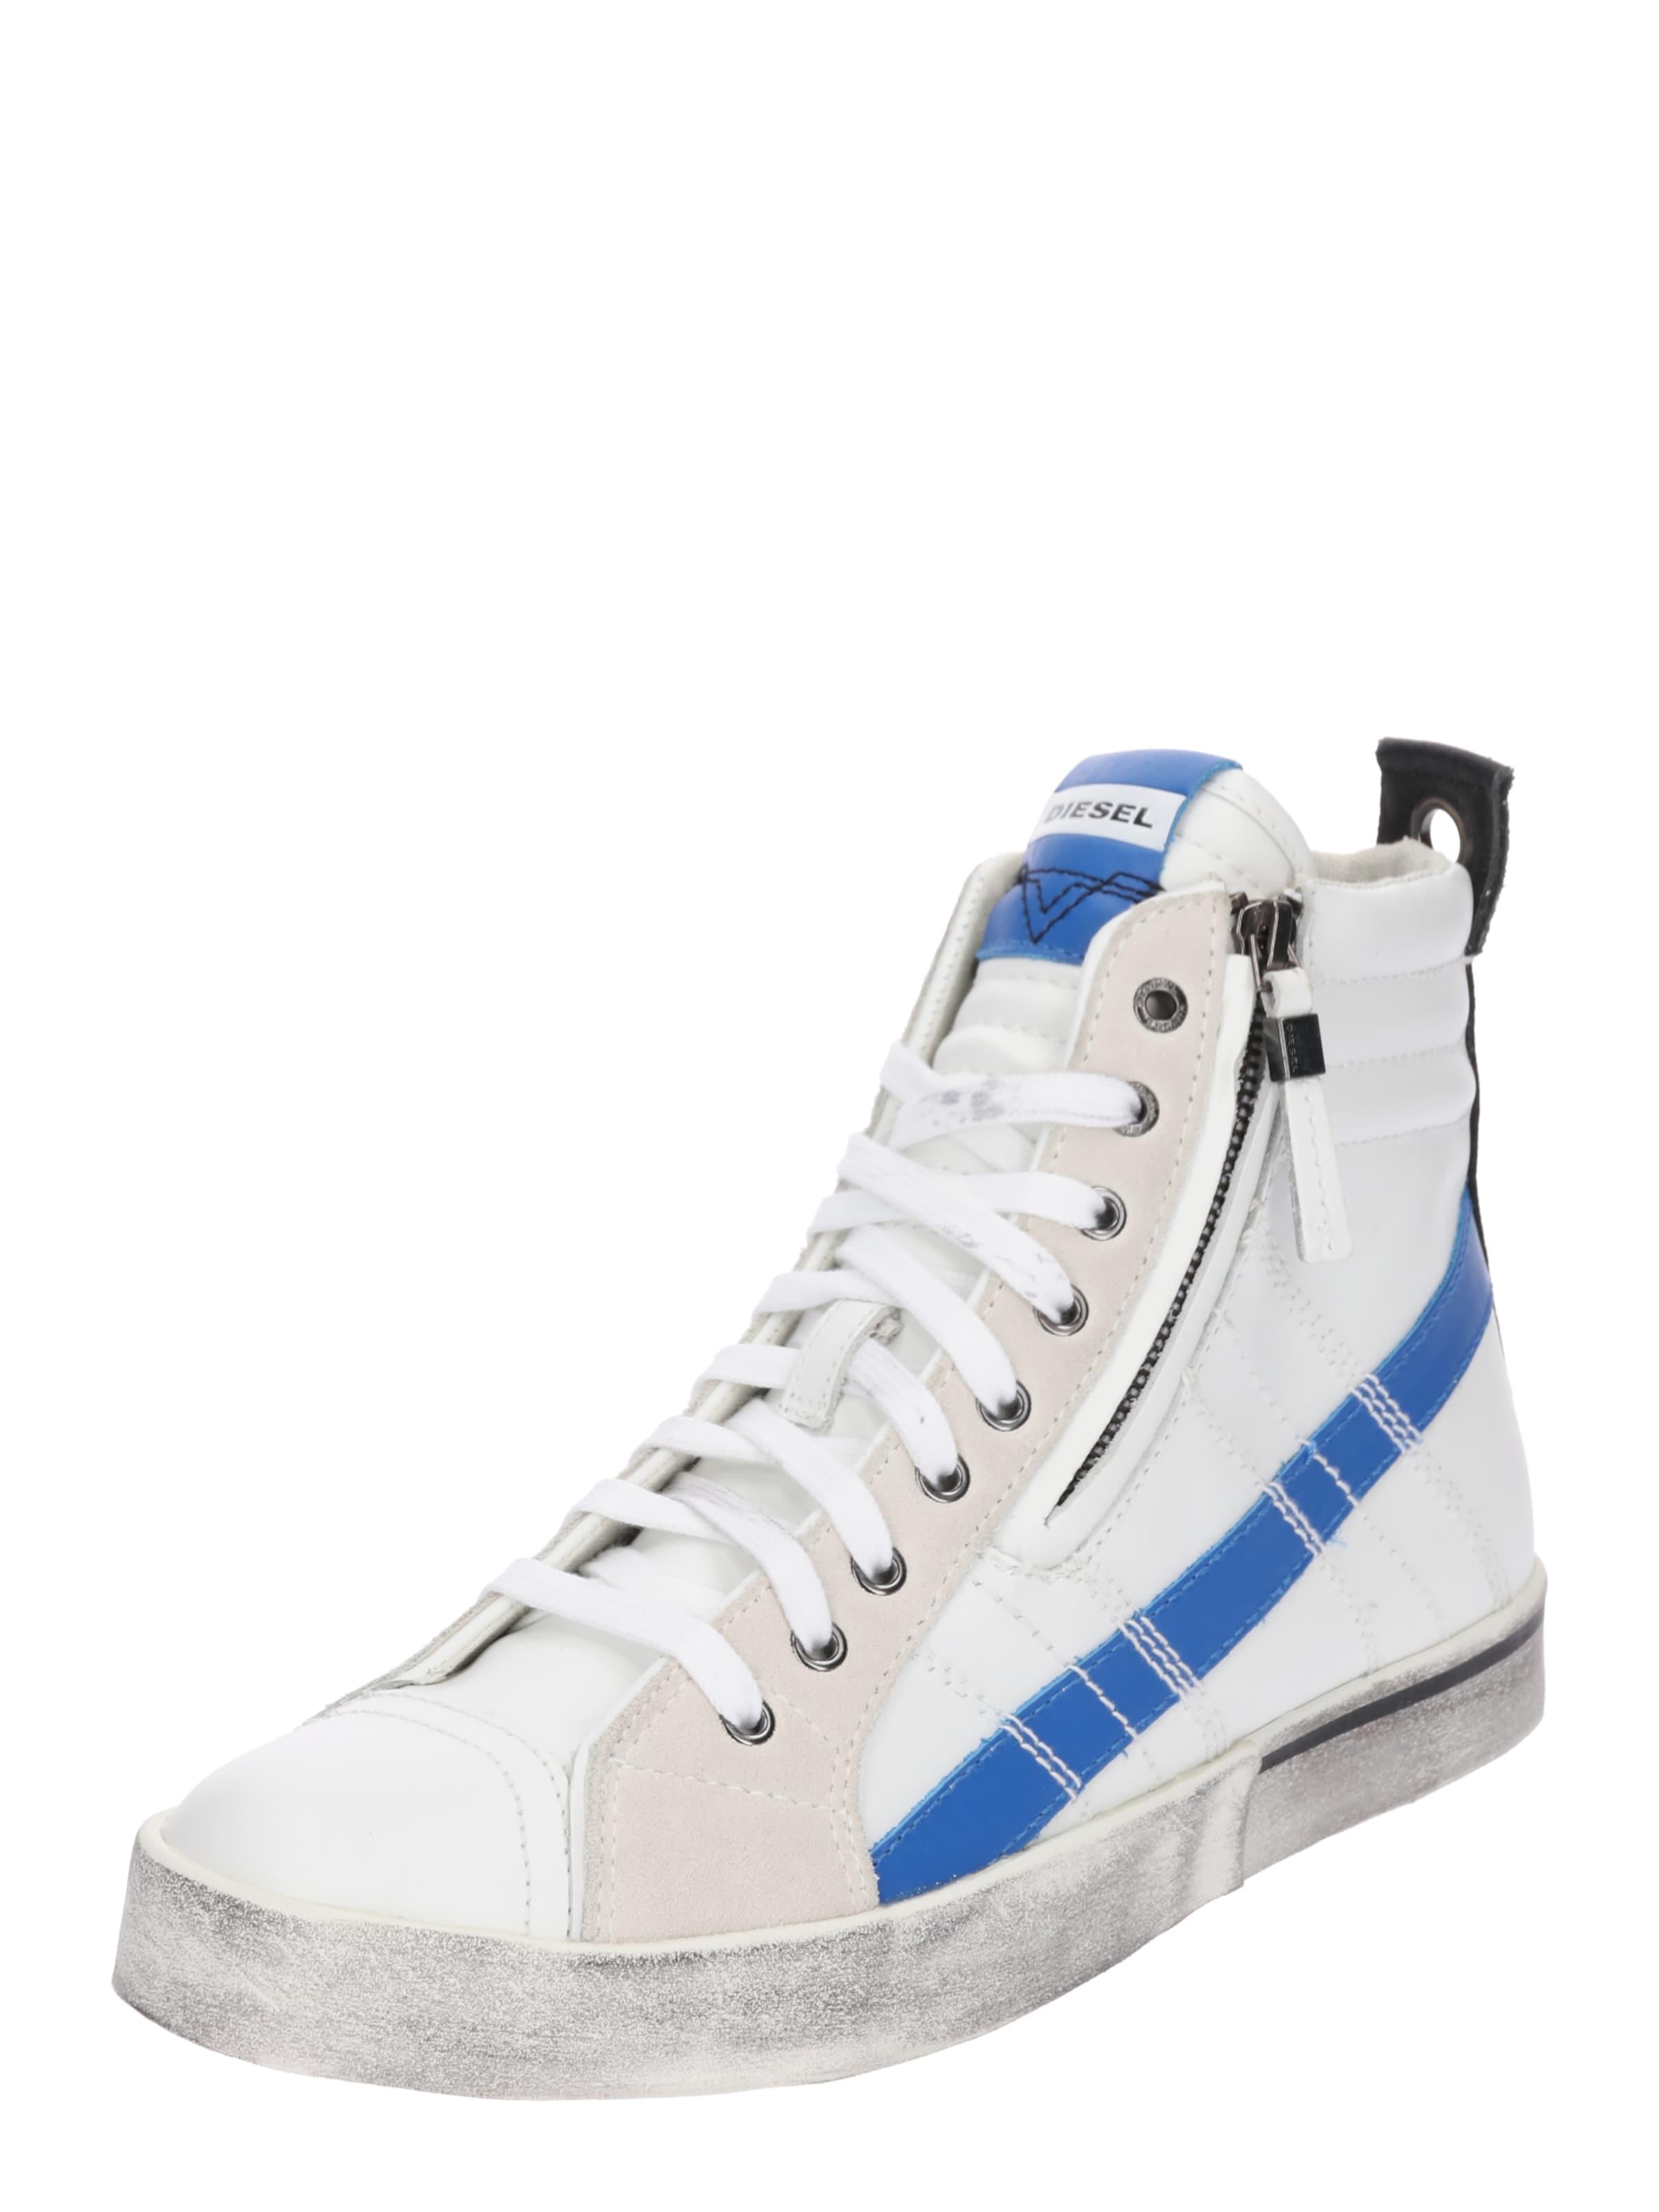 DIESEL Sneaker D-VELOWS Verschleißfeste billige billige Verschleißfeste Schuhe 1ab186